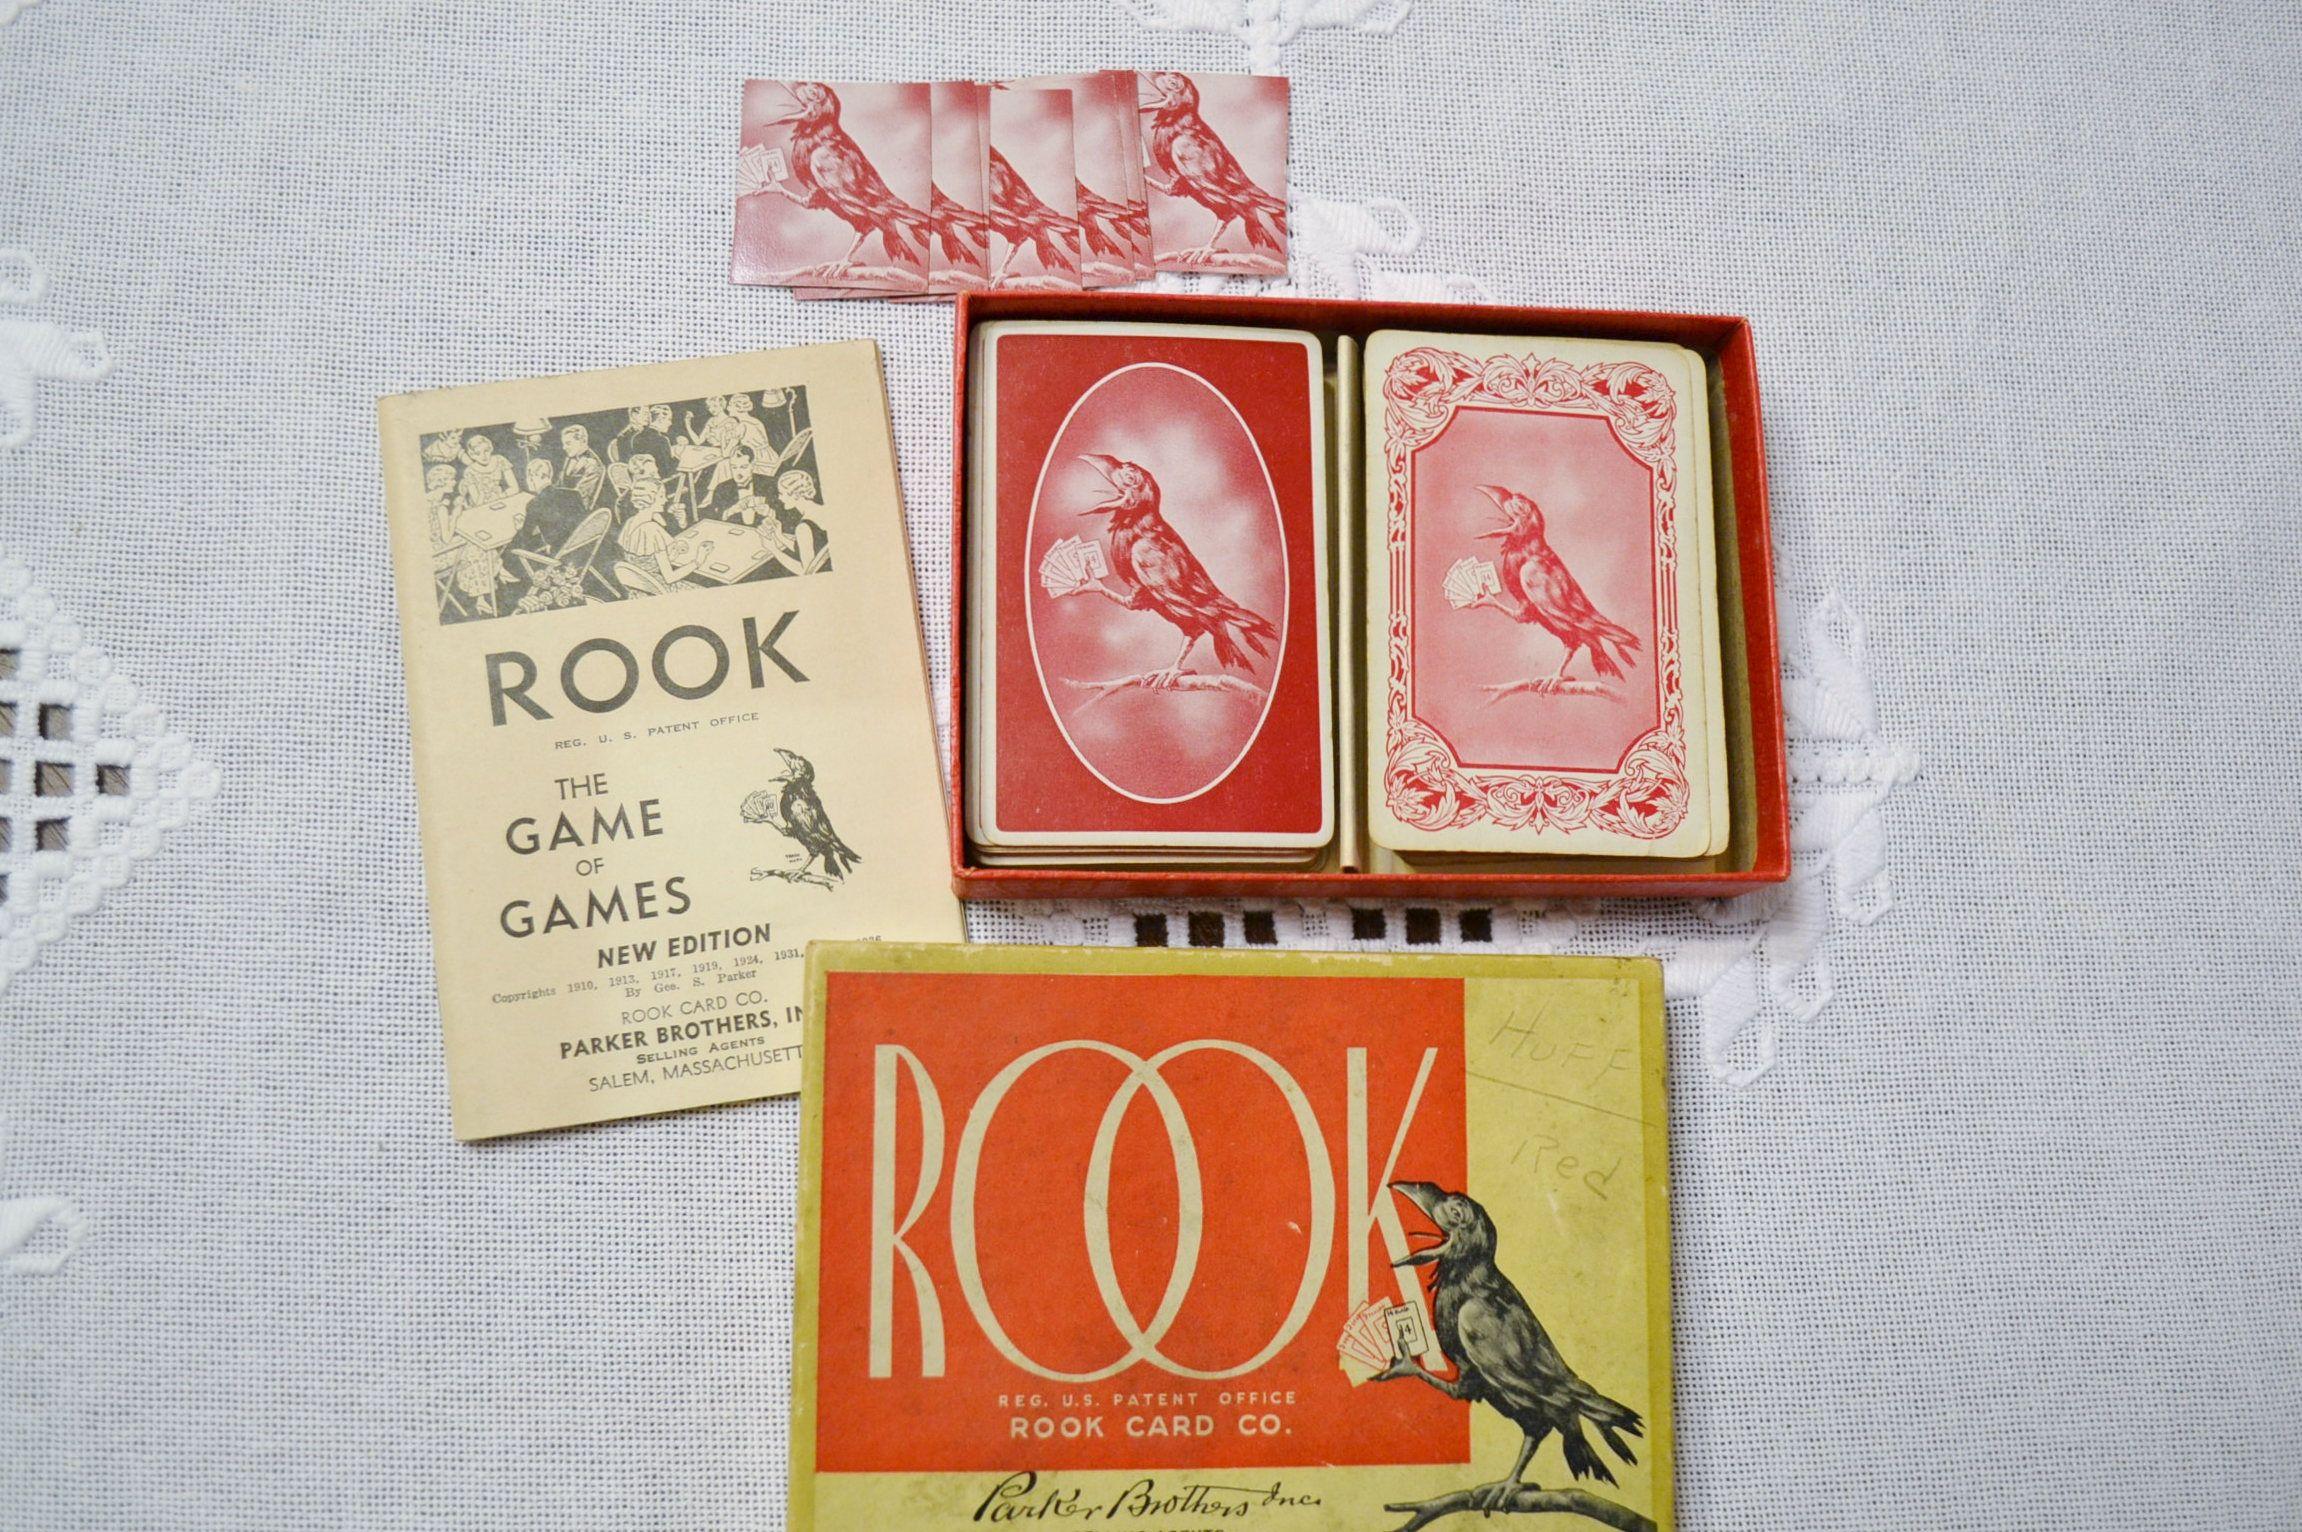 Vintage Rook Card Game 1930s Parker Brothers Playing Card Set Etsy Rook Card Game Card Games Card Set